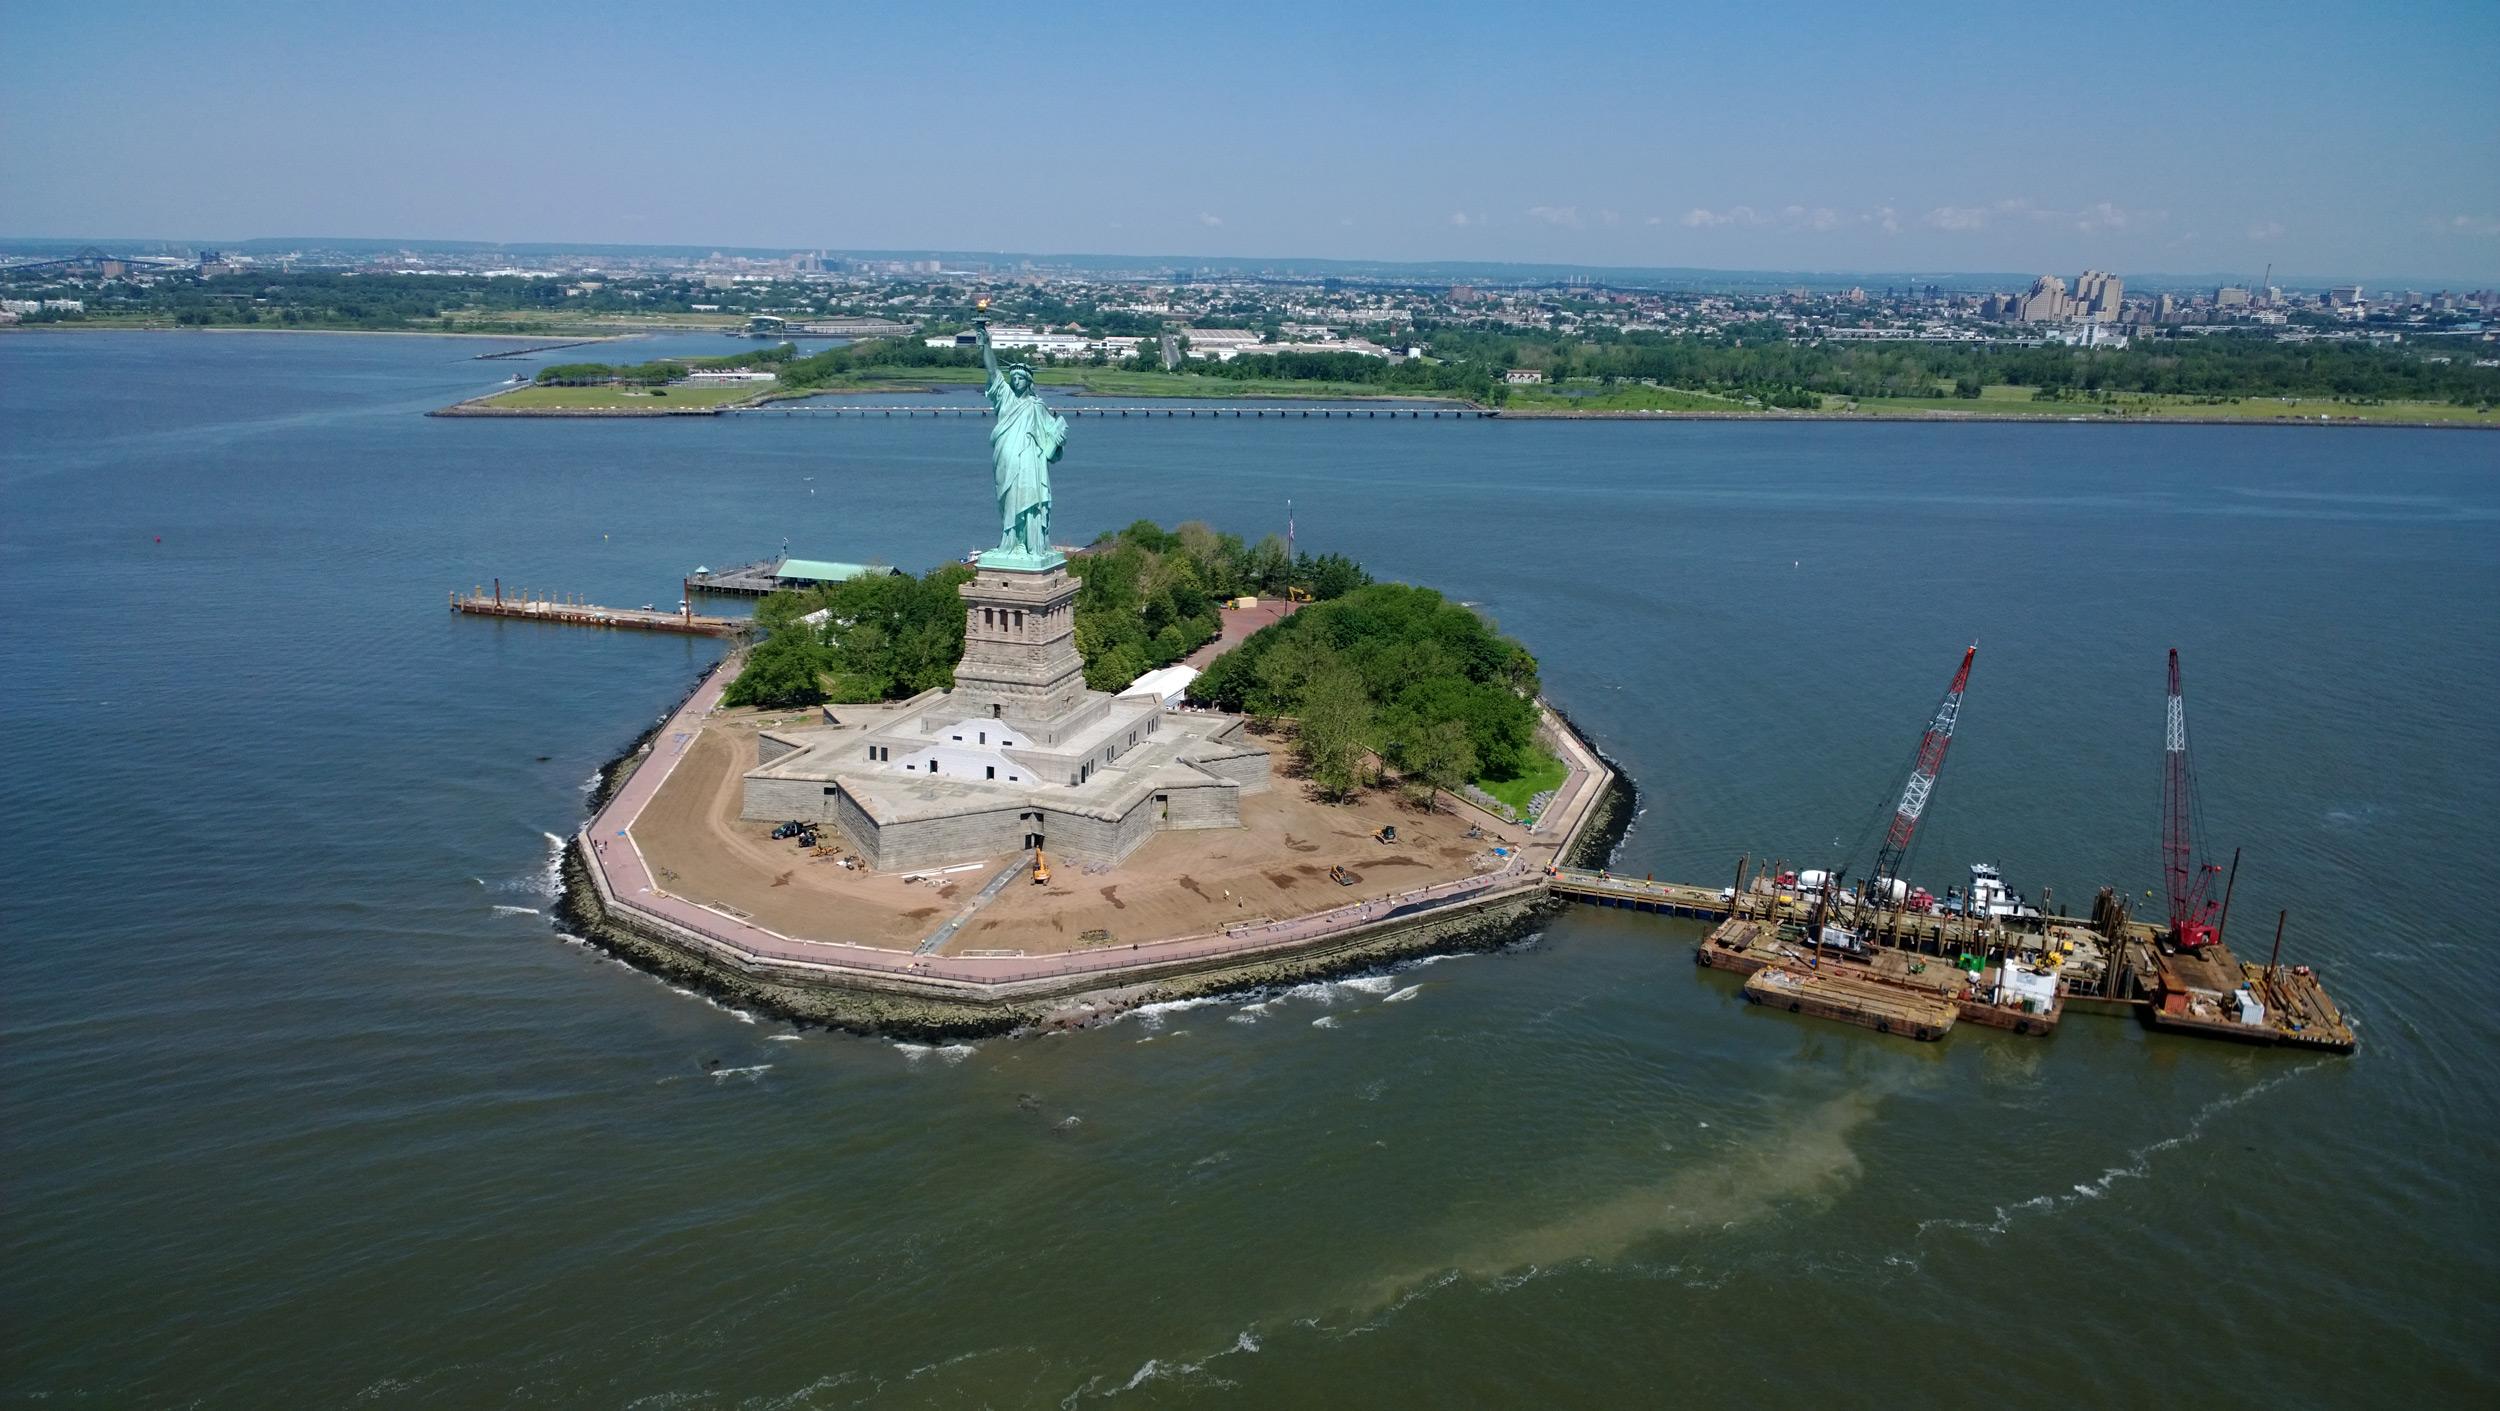 Nokia Lumia 1020 Statue of Liberty Sample Photo